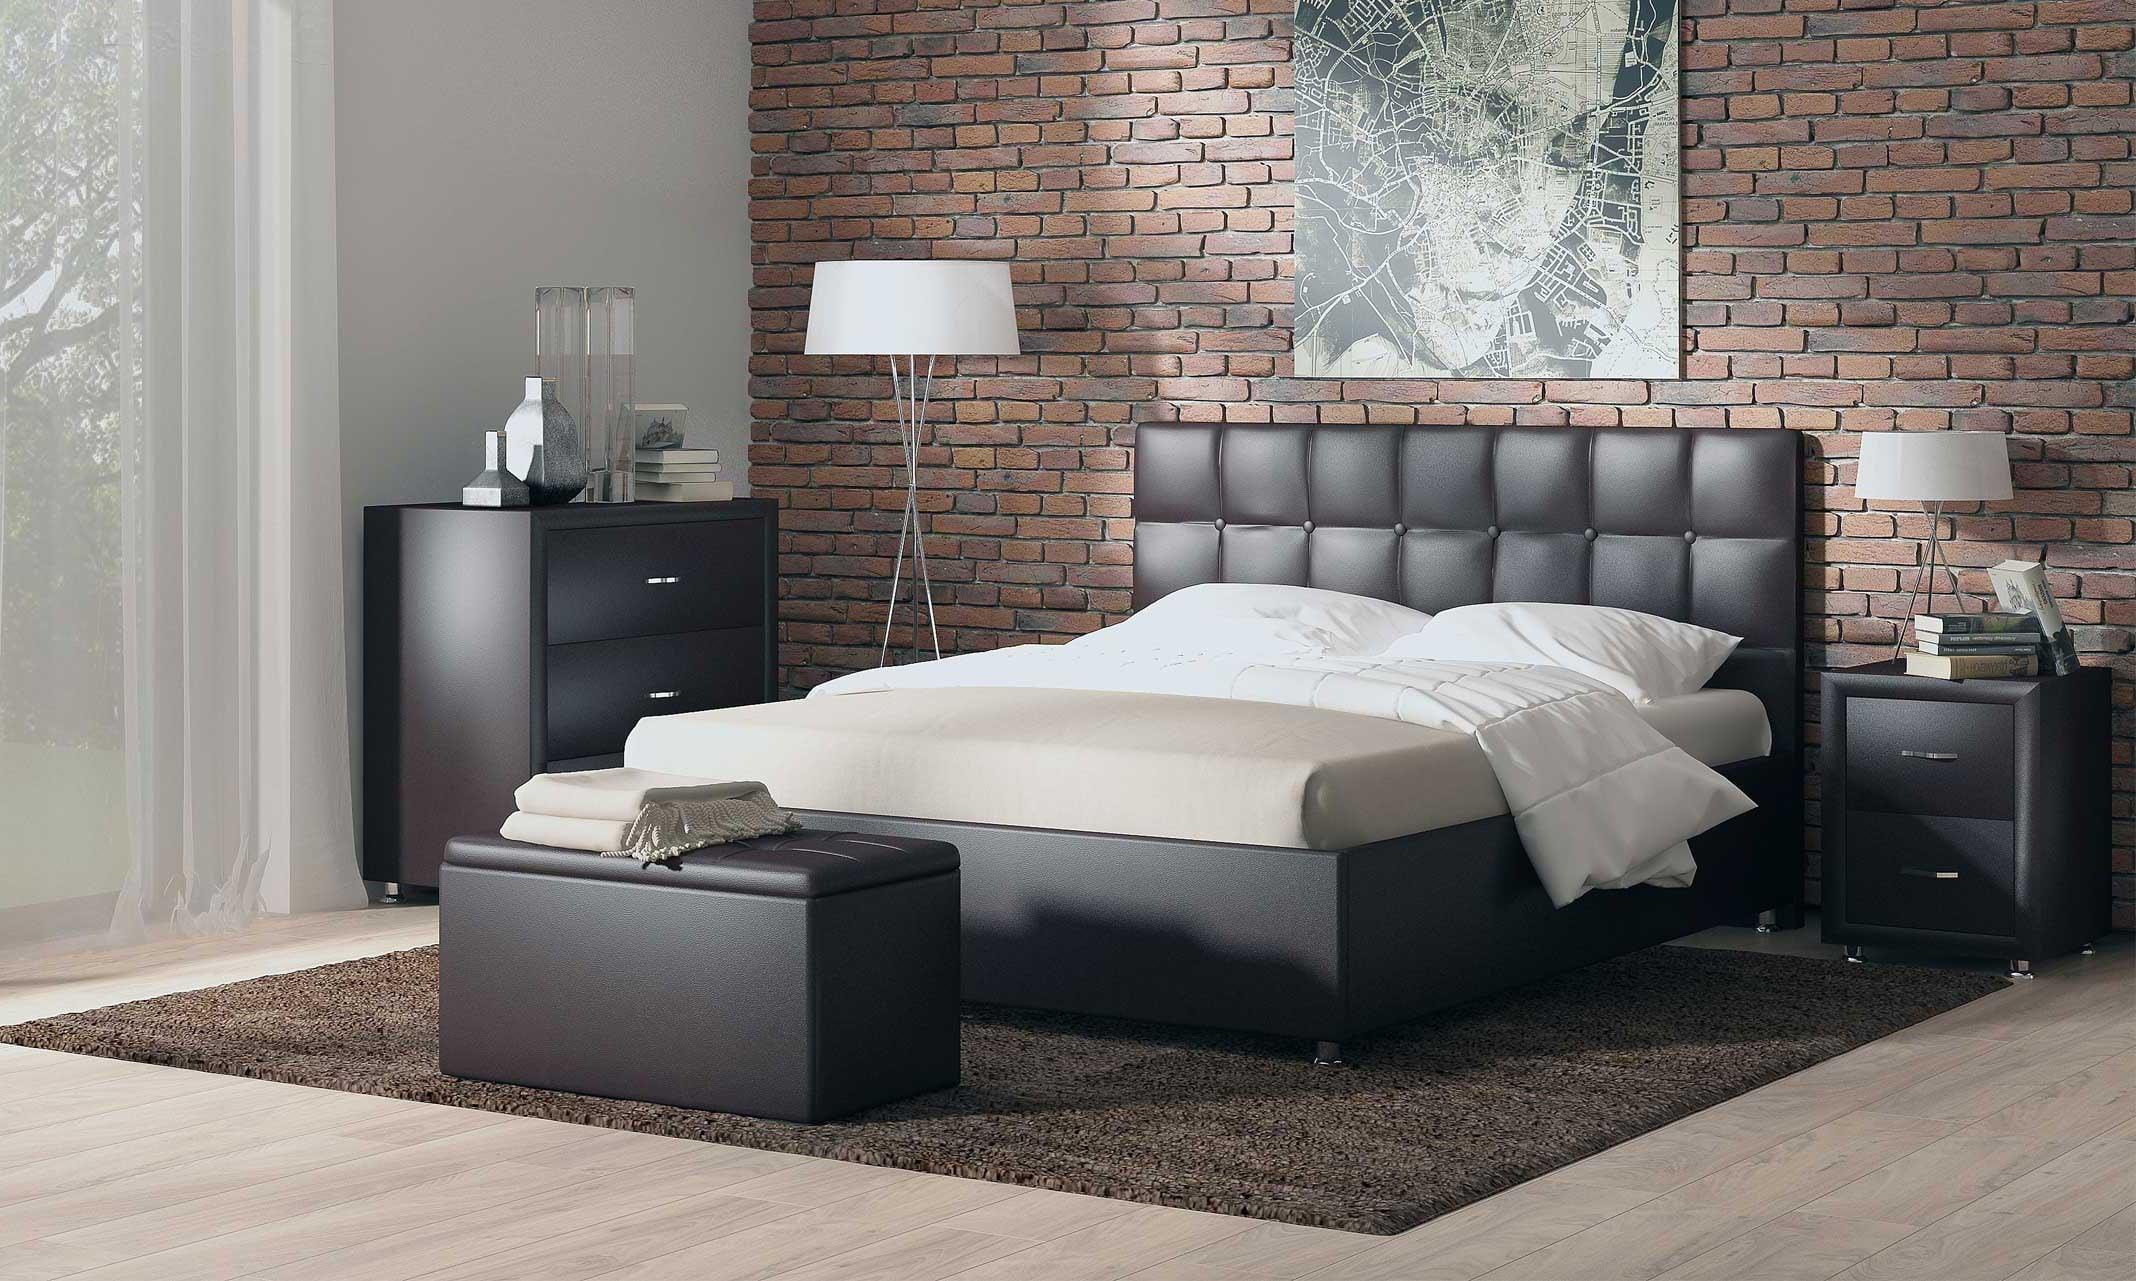 Современная спальня: место отдыха и ничего лишнего